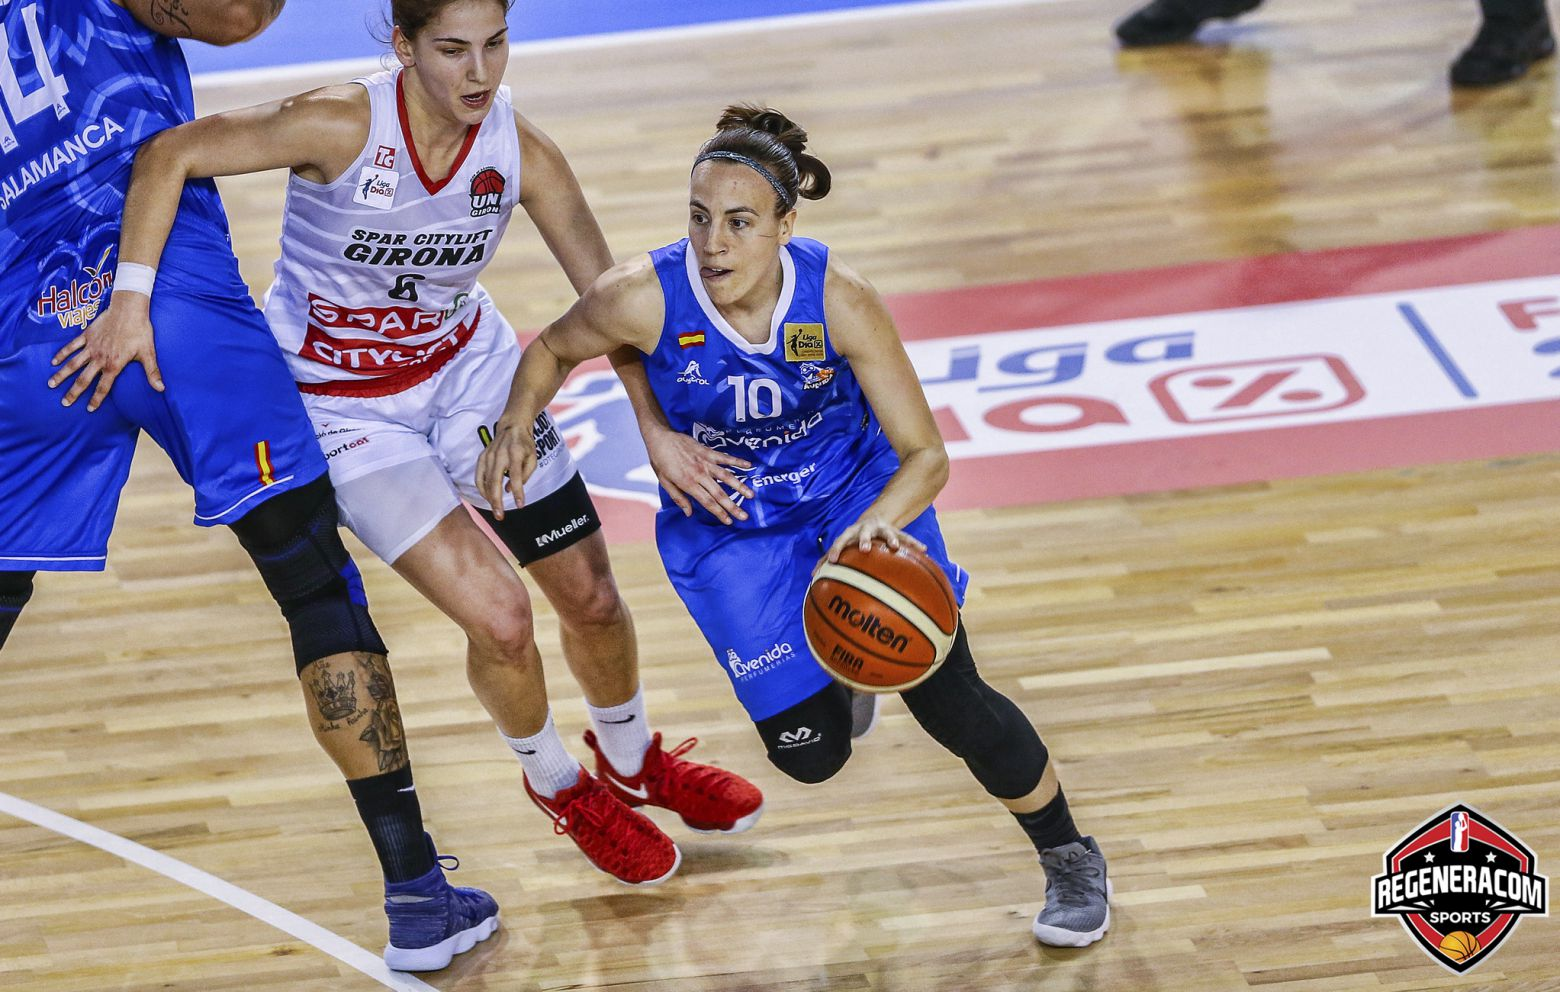 MARÍA ASURMENDI has signed with Araski